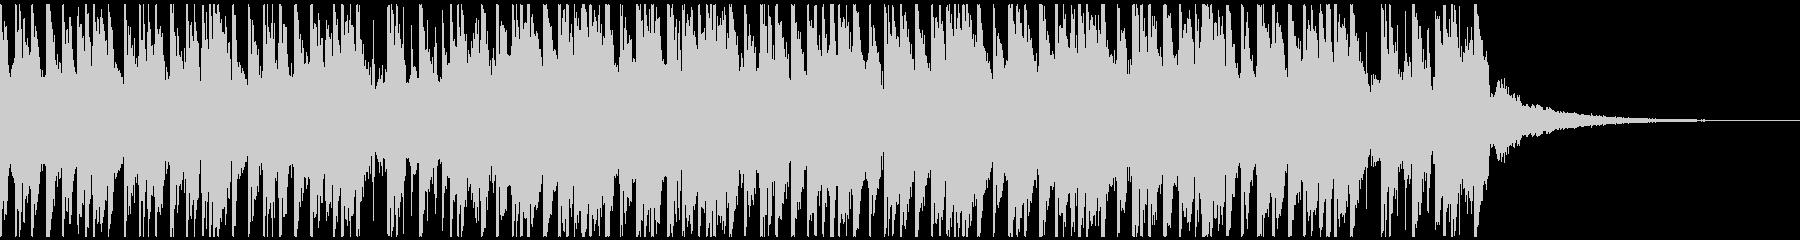 トロピカルハウスパーティー(30秒)の未再生の波形